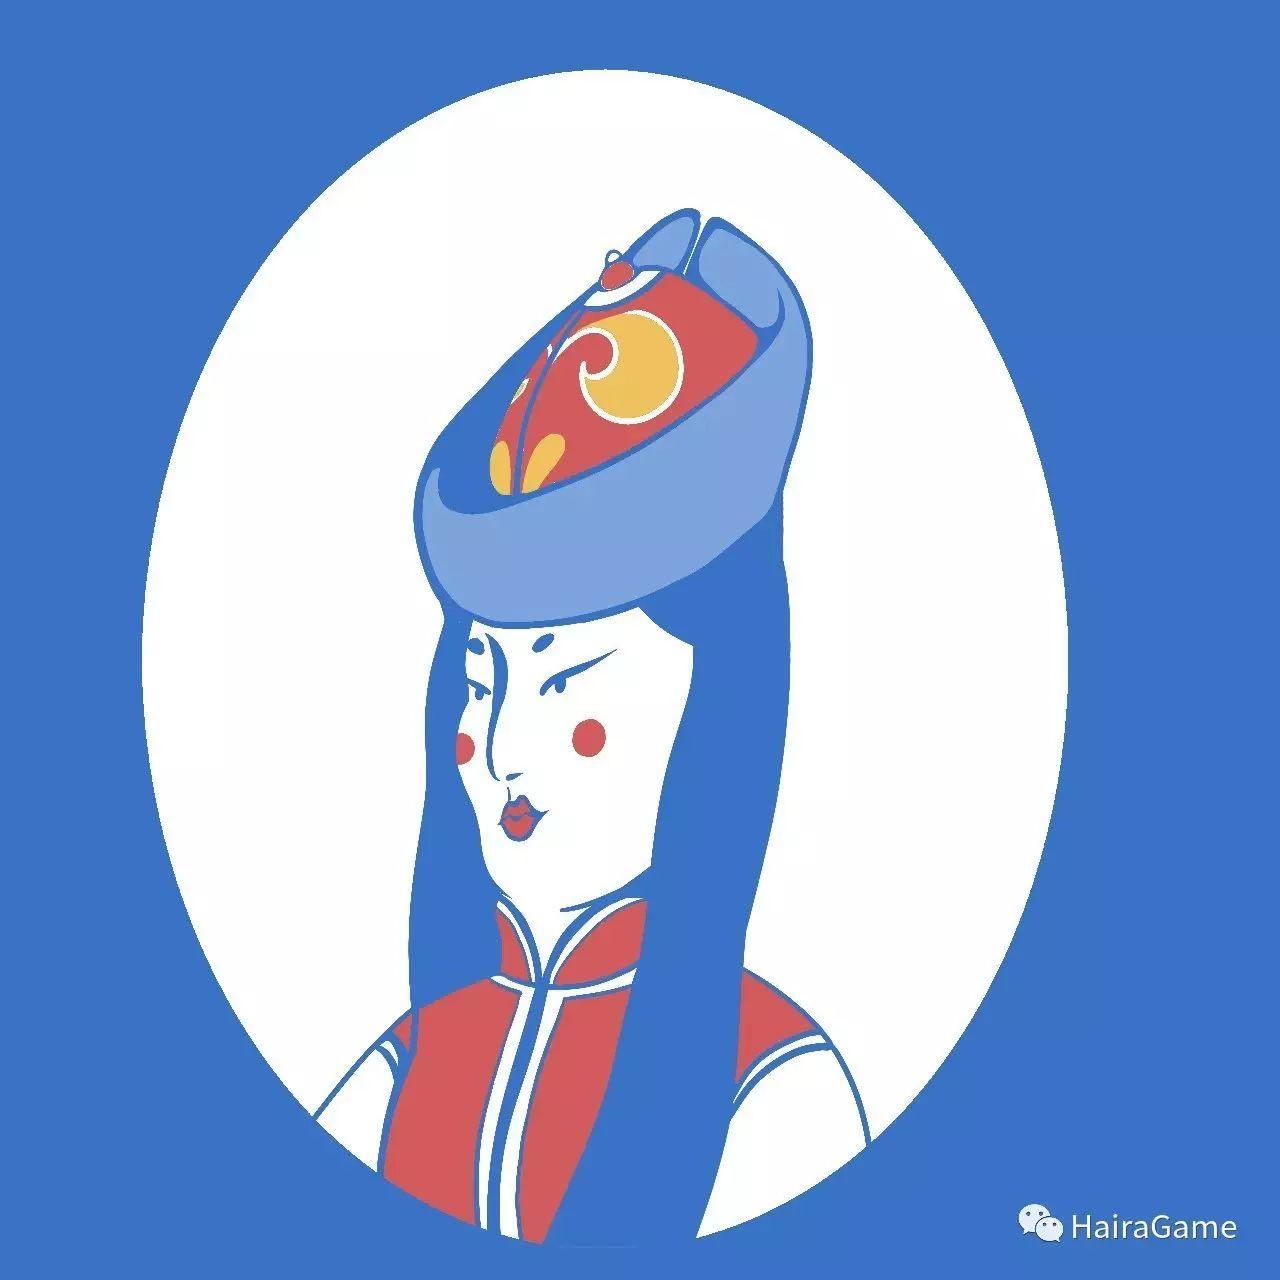 漫画头像 of 阿拉善和硕特蒙古|Haira绘制 第8张